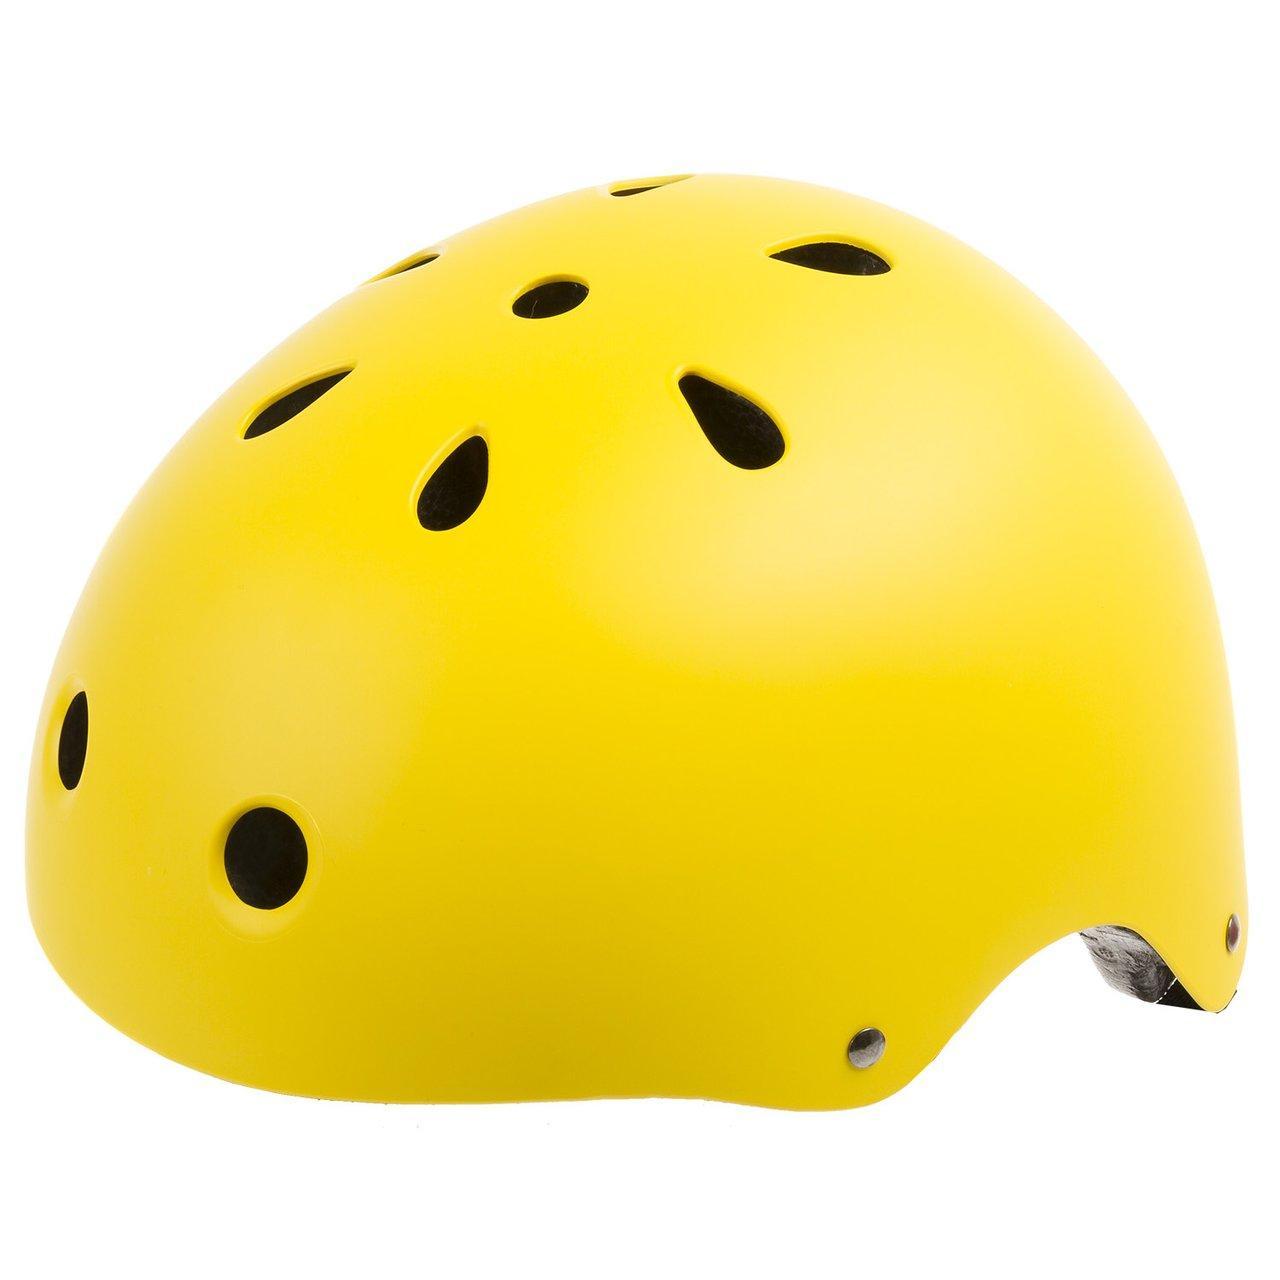 Велосипедный шлем Bmx. Бренд Ventura. Smile. Немецкое качество. Kaspi RED. Рассрочка.